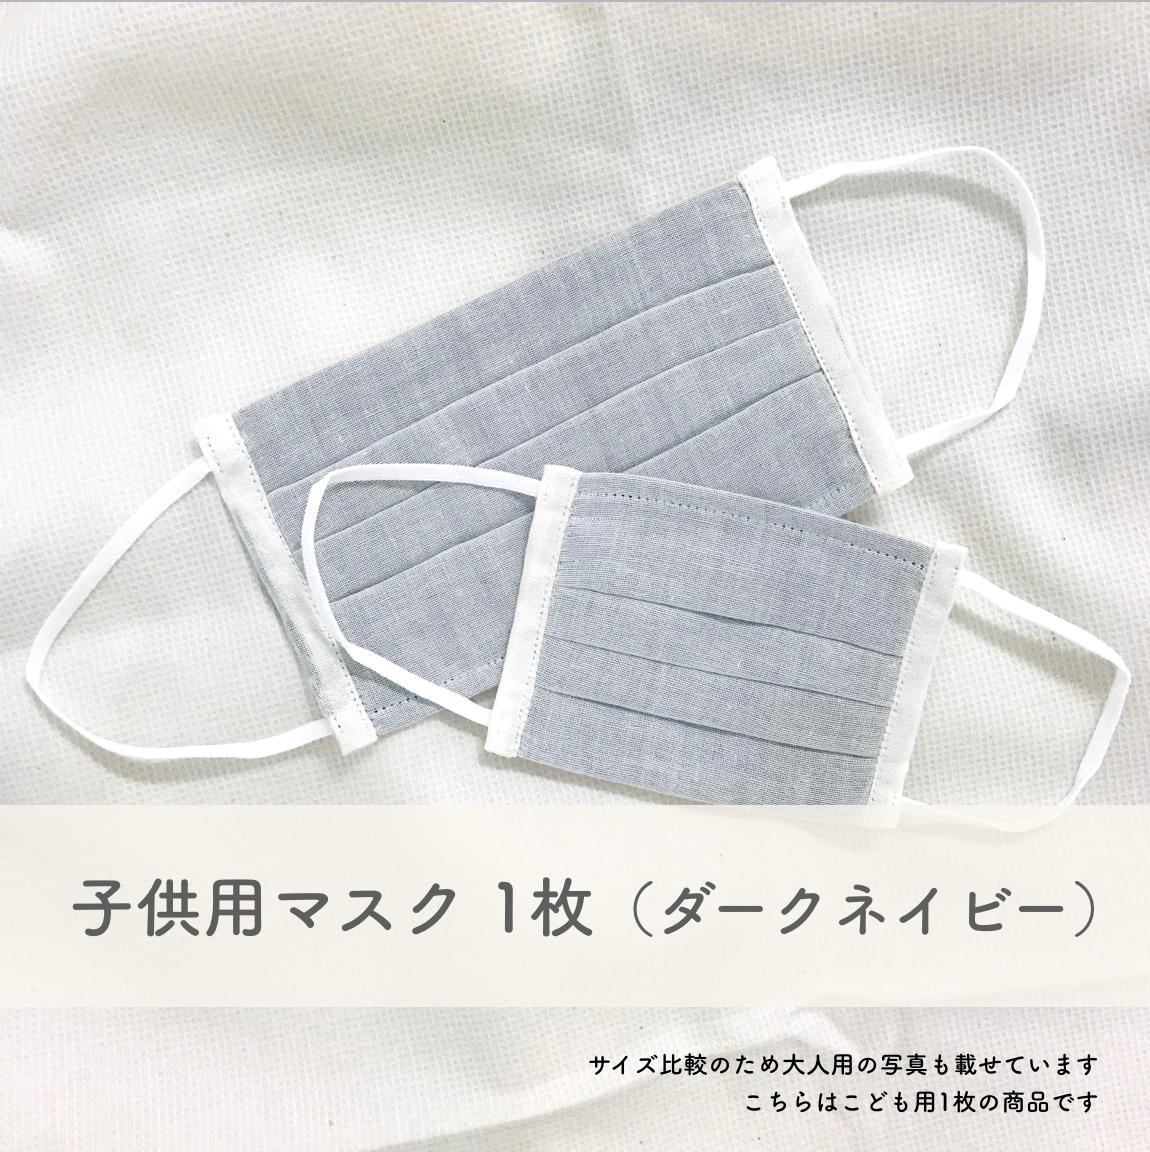 【送料無料】(こども用)LUCYオリジナルオーガニックコットンマスク(ダークネイビー)